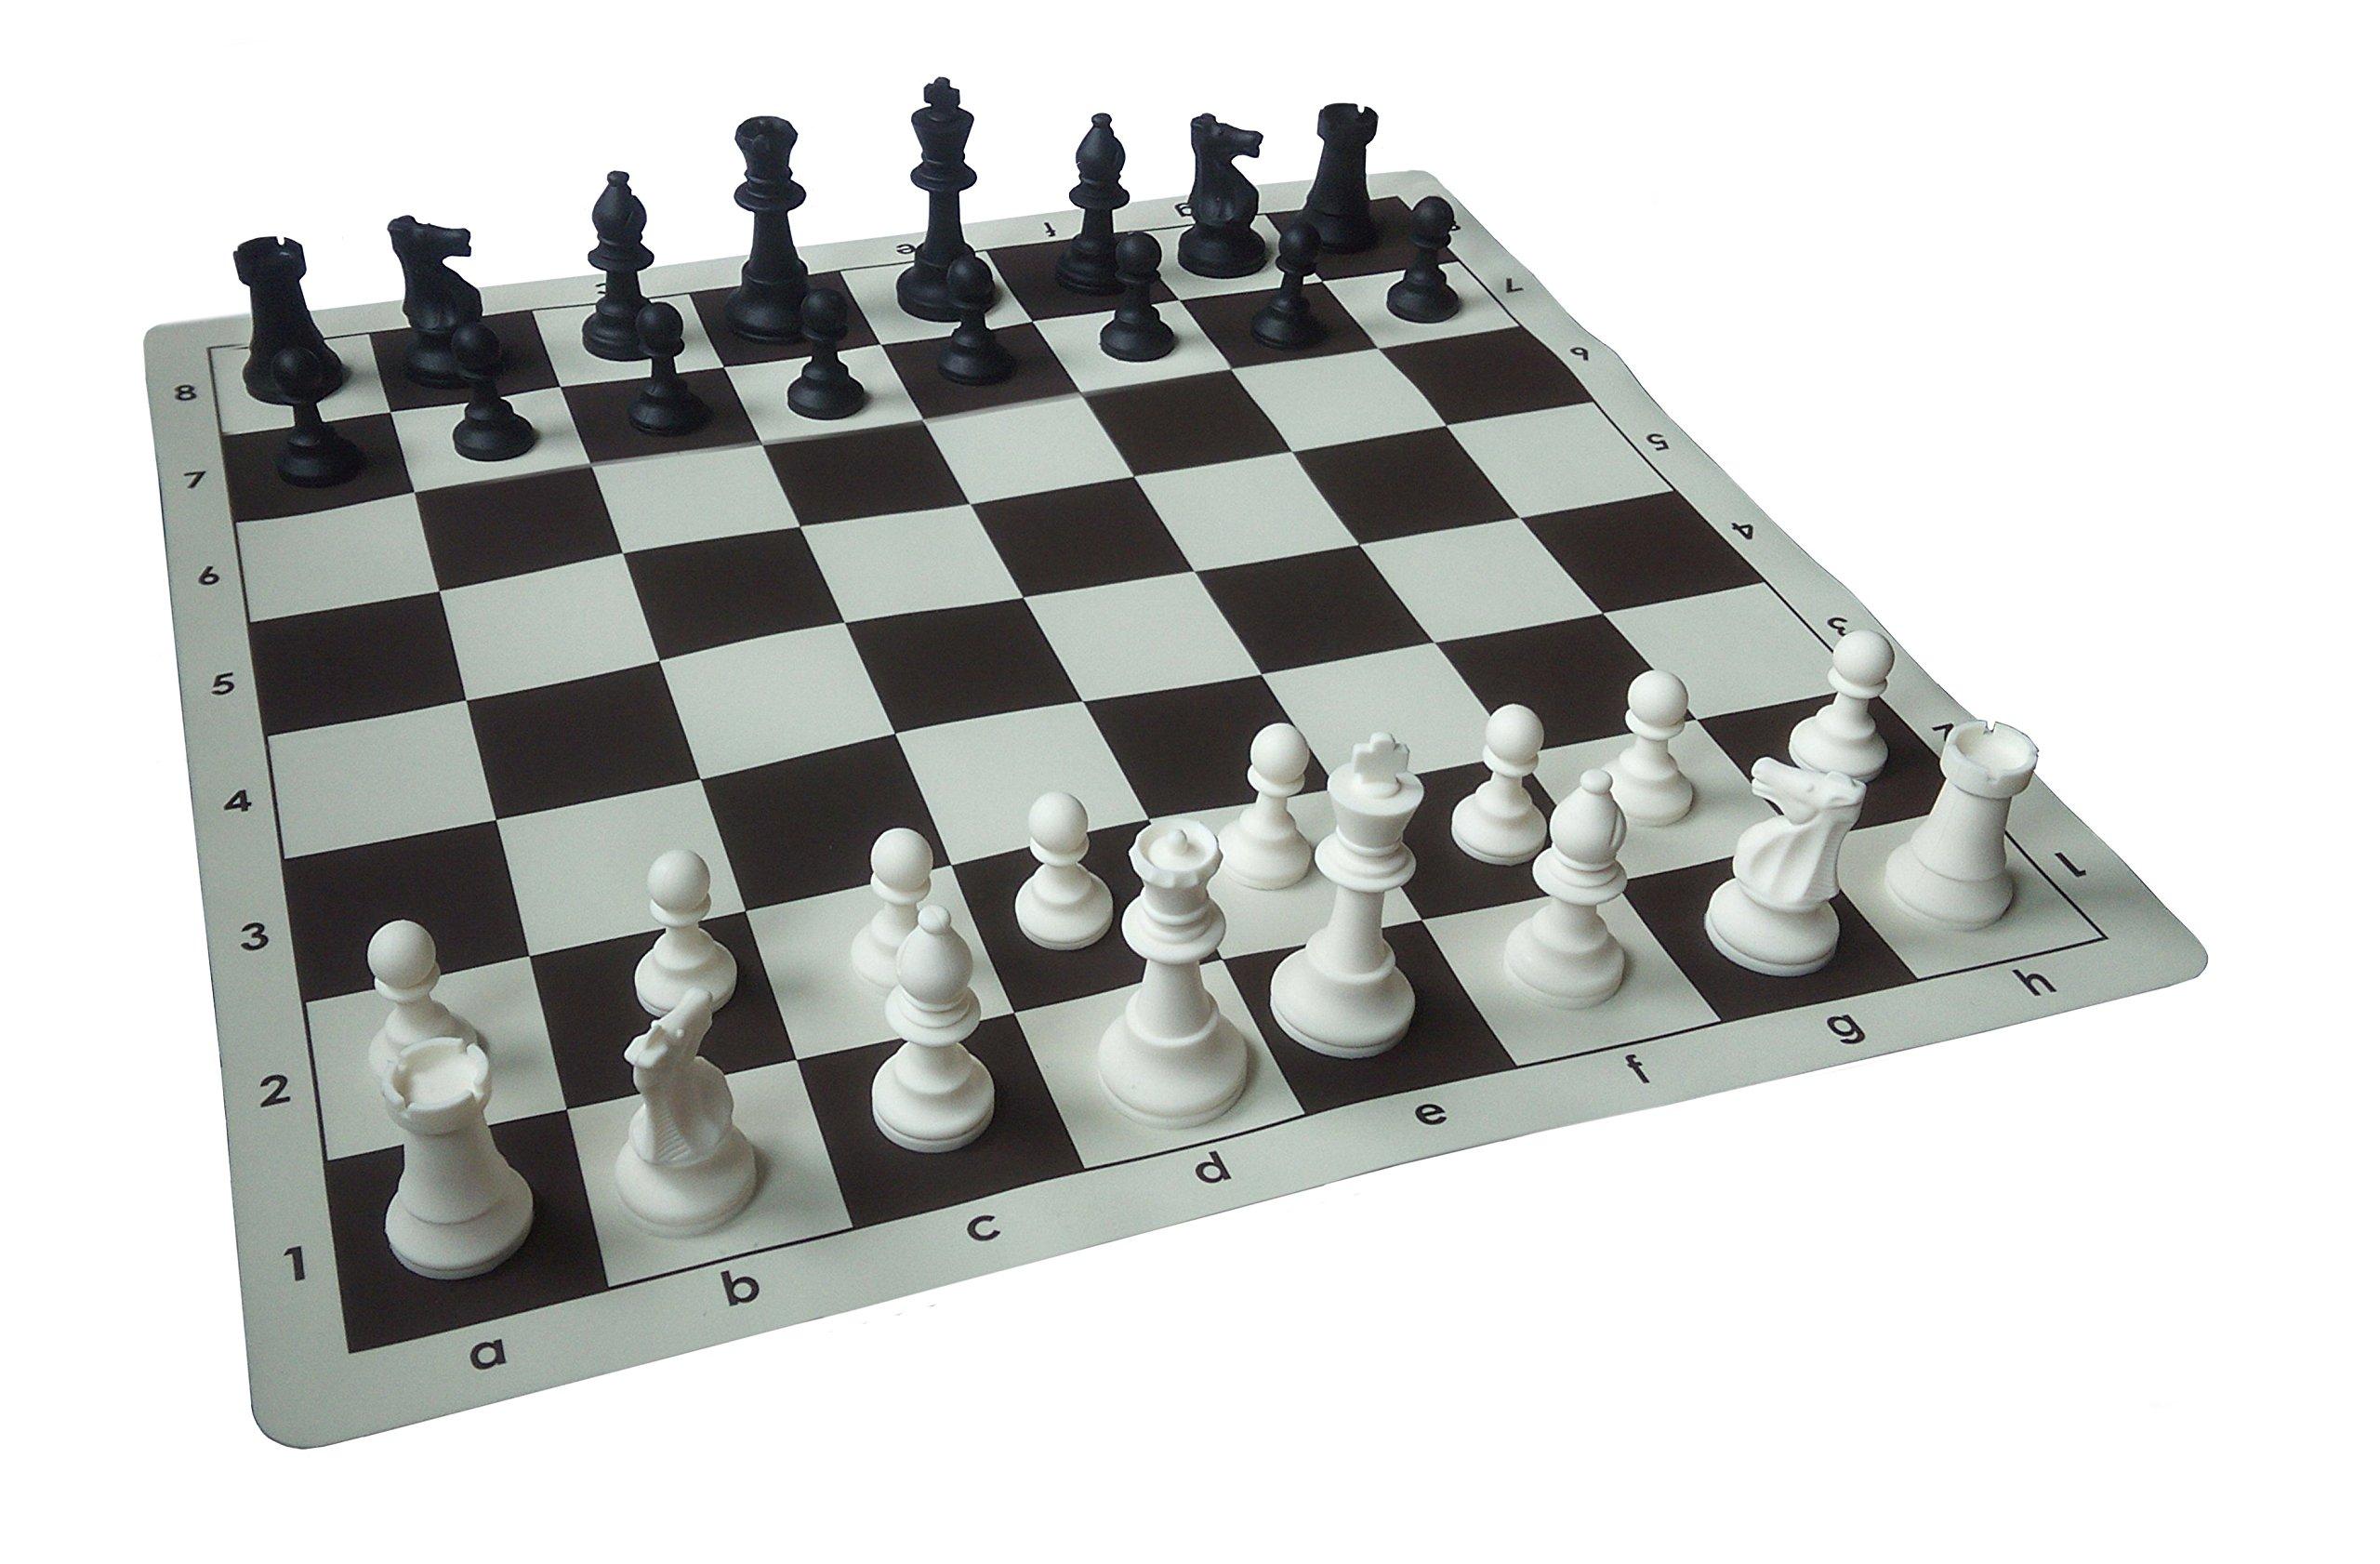 SchachQueen-Schachset-komplettes-Schachspiel-Silikon-mit-Schachbrett-und-Schachfiguren-Feldgre-57-mm-braunbeige-Knigshhe-90-mm-schwarzwei SchachQueen – Schachset – komplettes Schachspiel Silikon mit Schachbrett und Schachfiguren Feldgröße 57 mm (braun/beige) Königshöhe 90 mm (schwarz/weiß) -